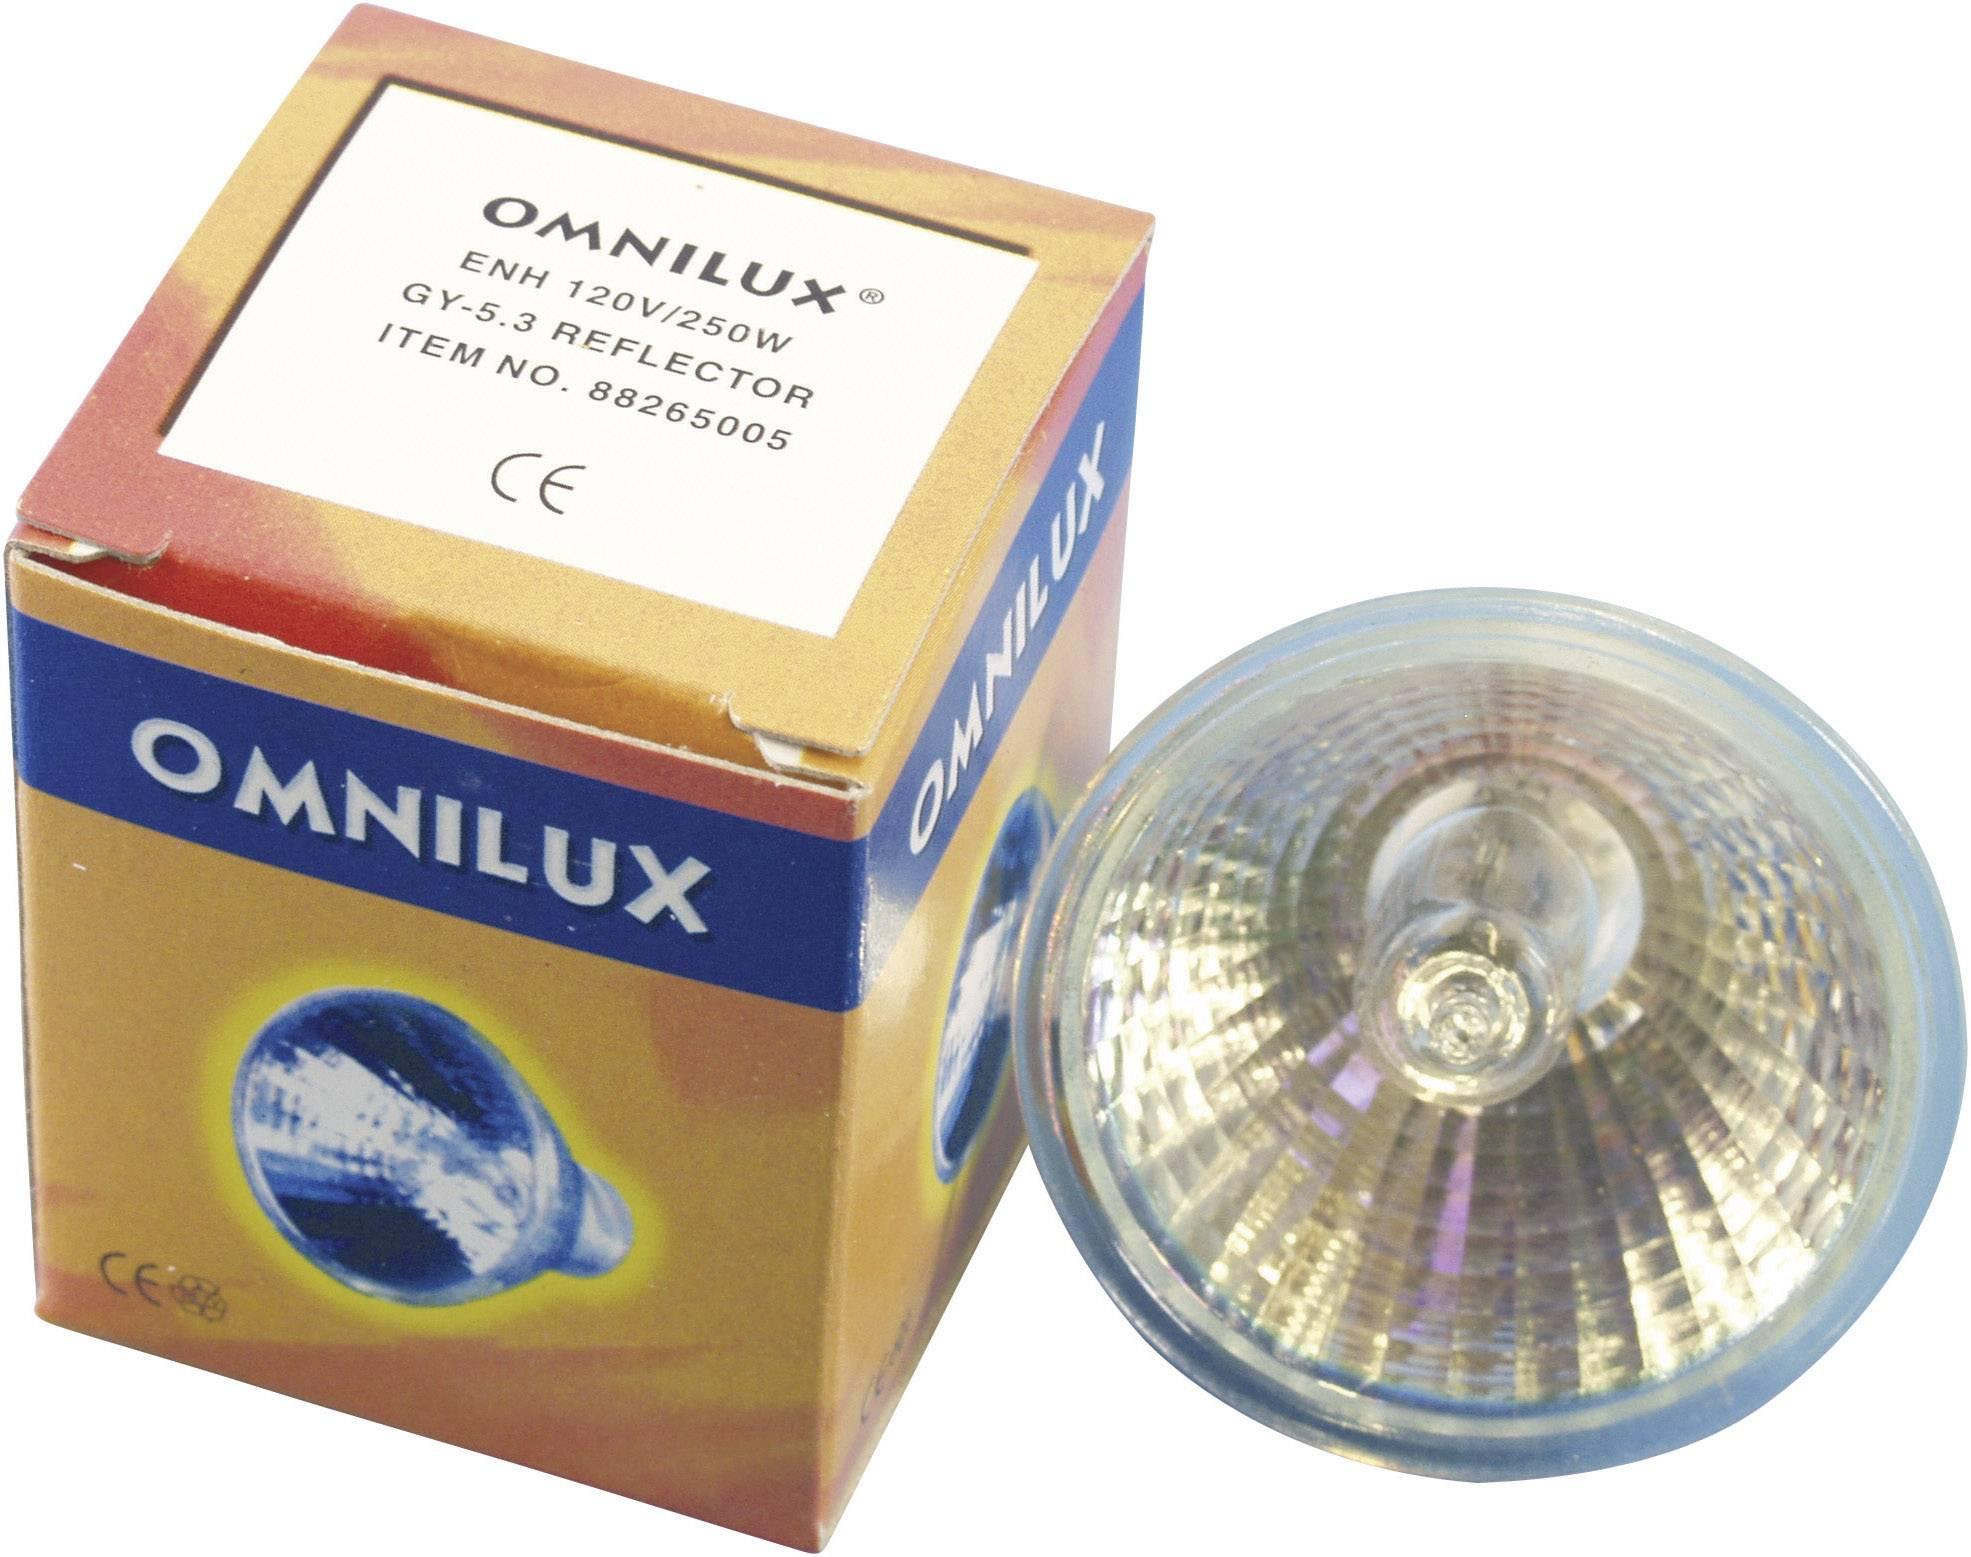 Žiarovka Omnilux 120 V/250 W, GY5.3